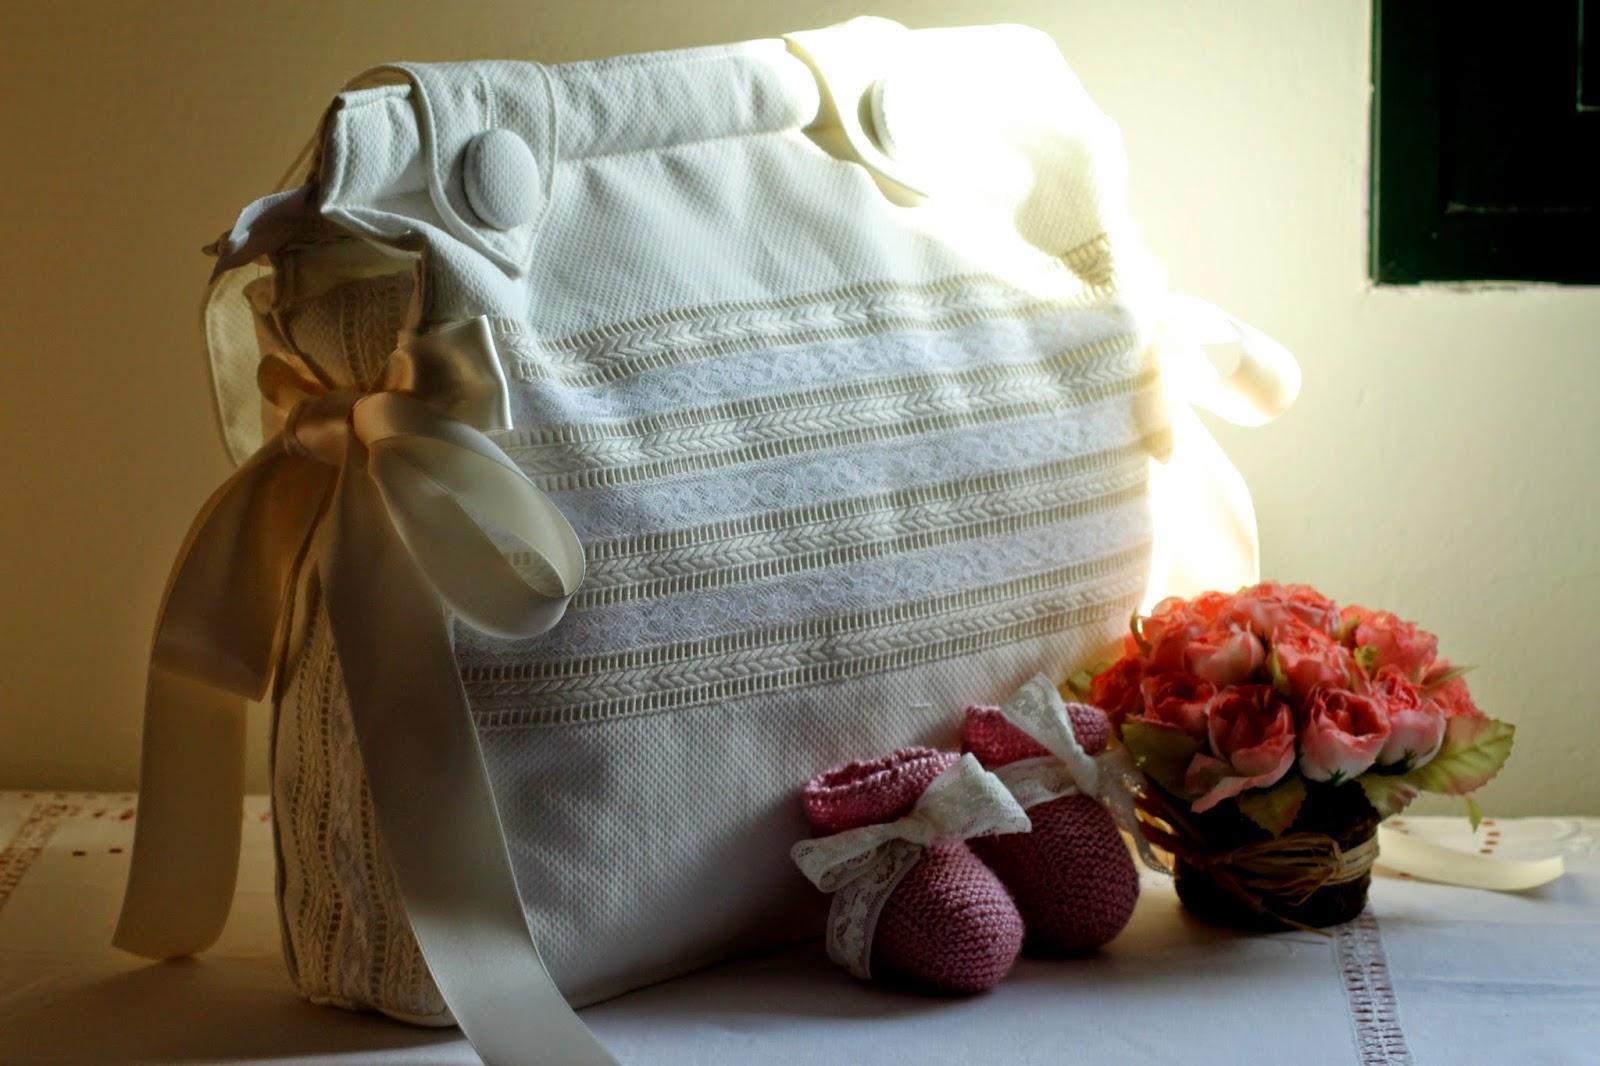 Con mil amores y seda almohada caramelo bolso para carrito sabanas y colcha para bebes - Almohada mimos ...